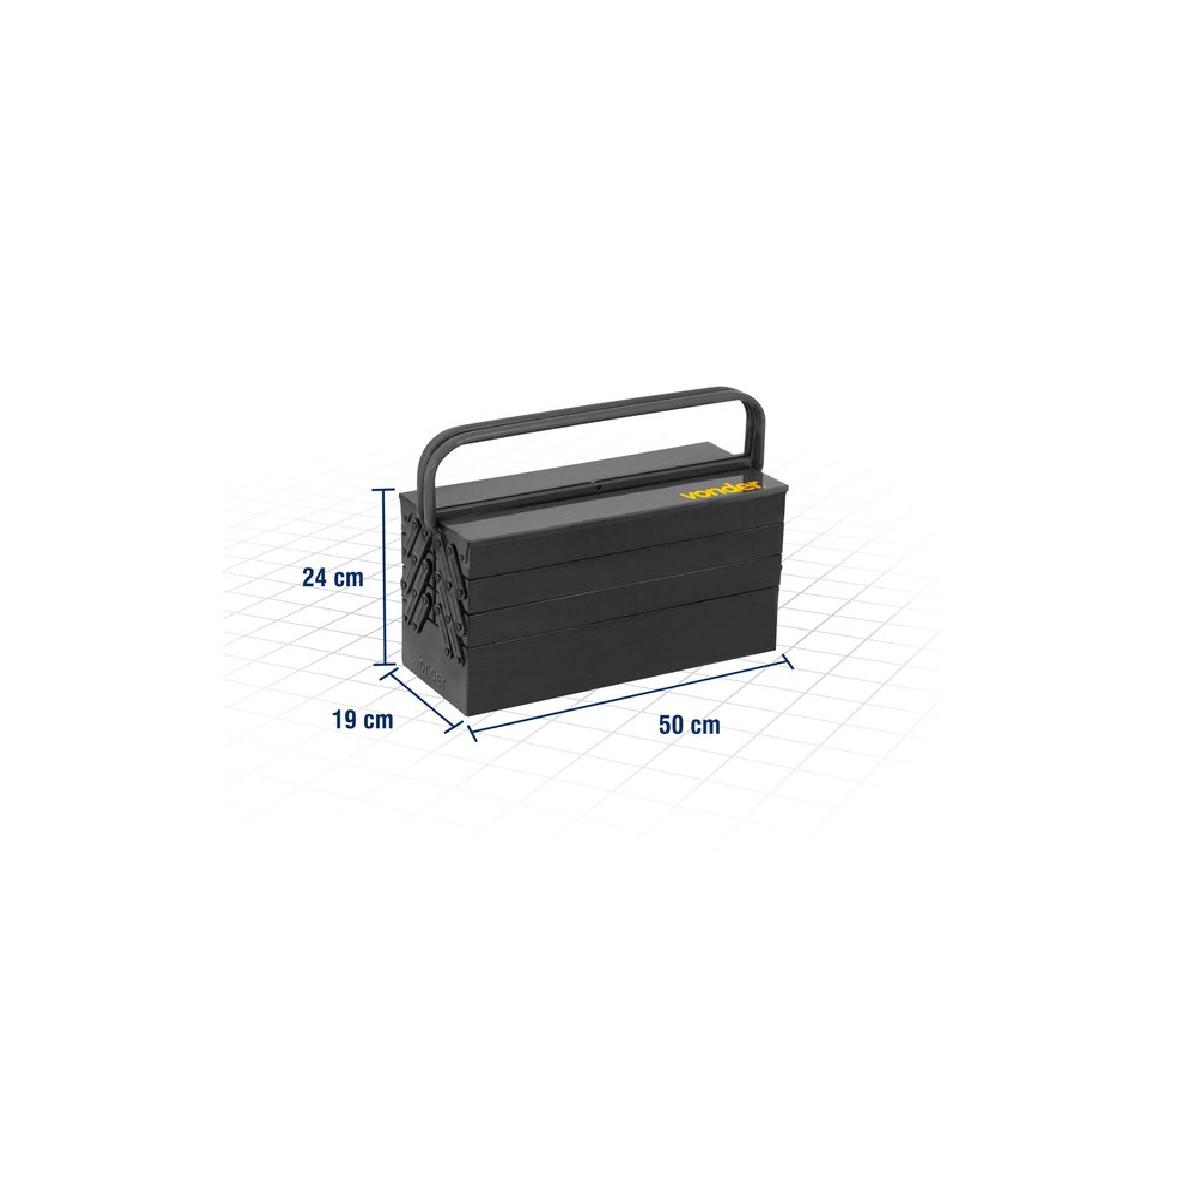 Caixa metálica P/ ferramentas Sanfonada 7 gavetas 50cm x 19cm x 24cm VONDER